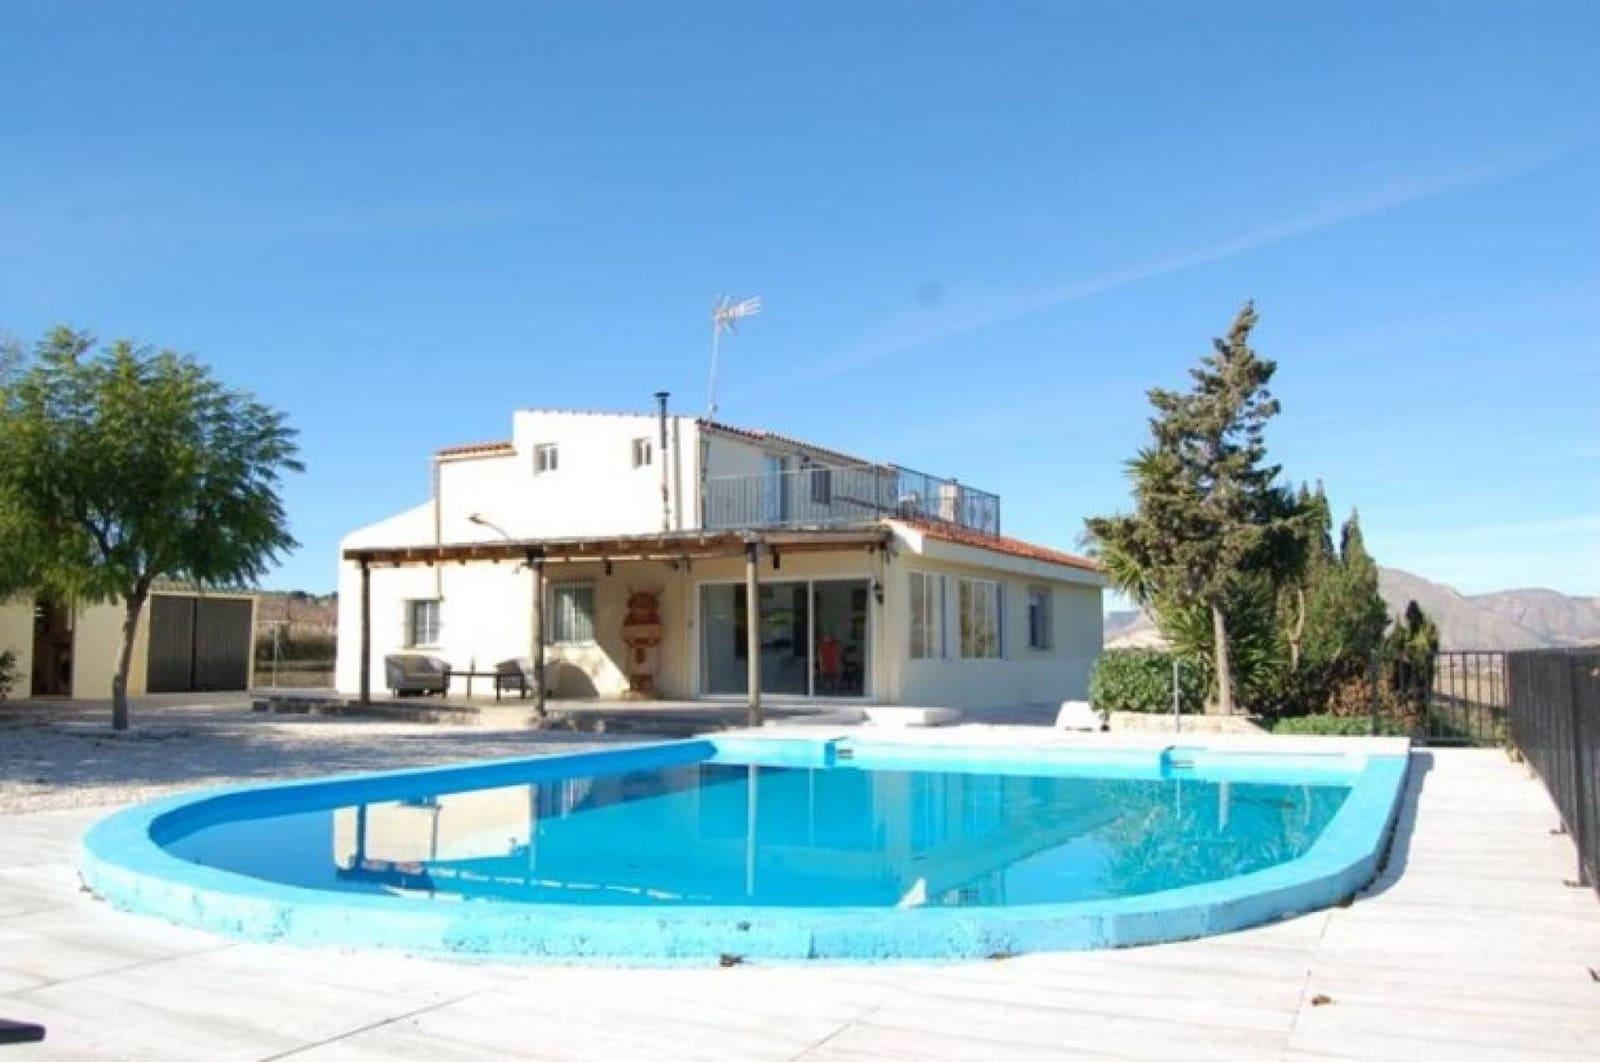 6 bedroom Villa for sale in Hondon de los Frailes with pool garage - € 199,950 (Ref: 4598584)